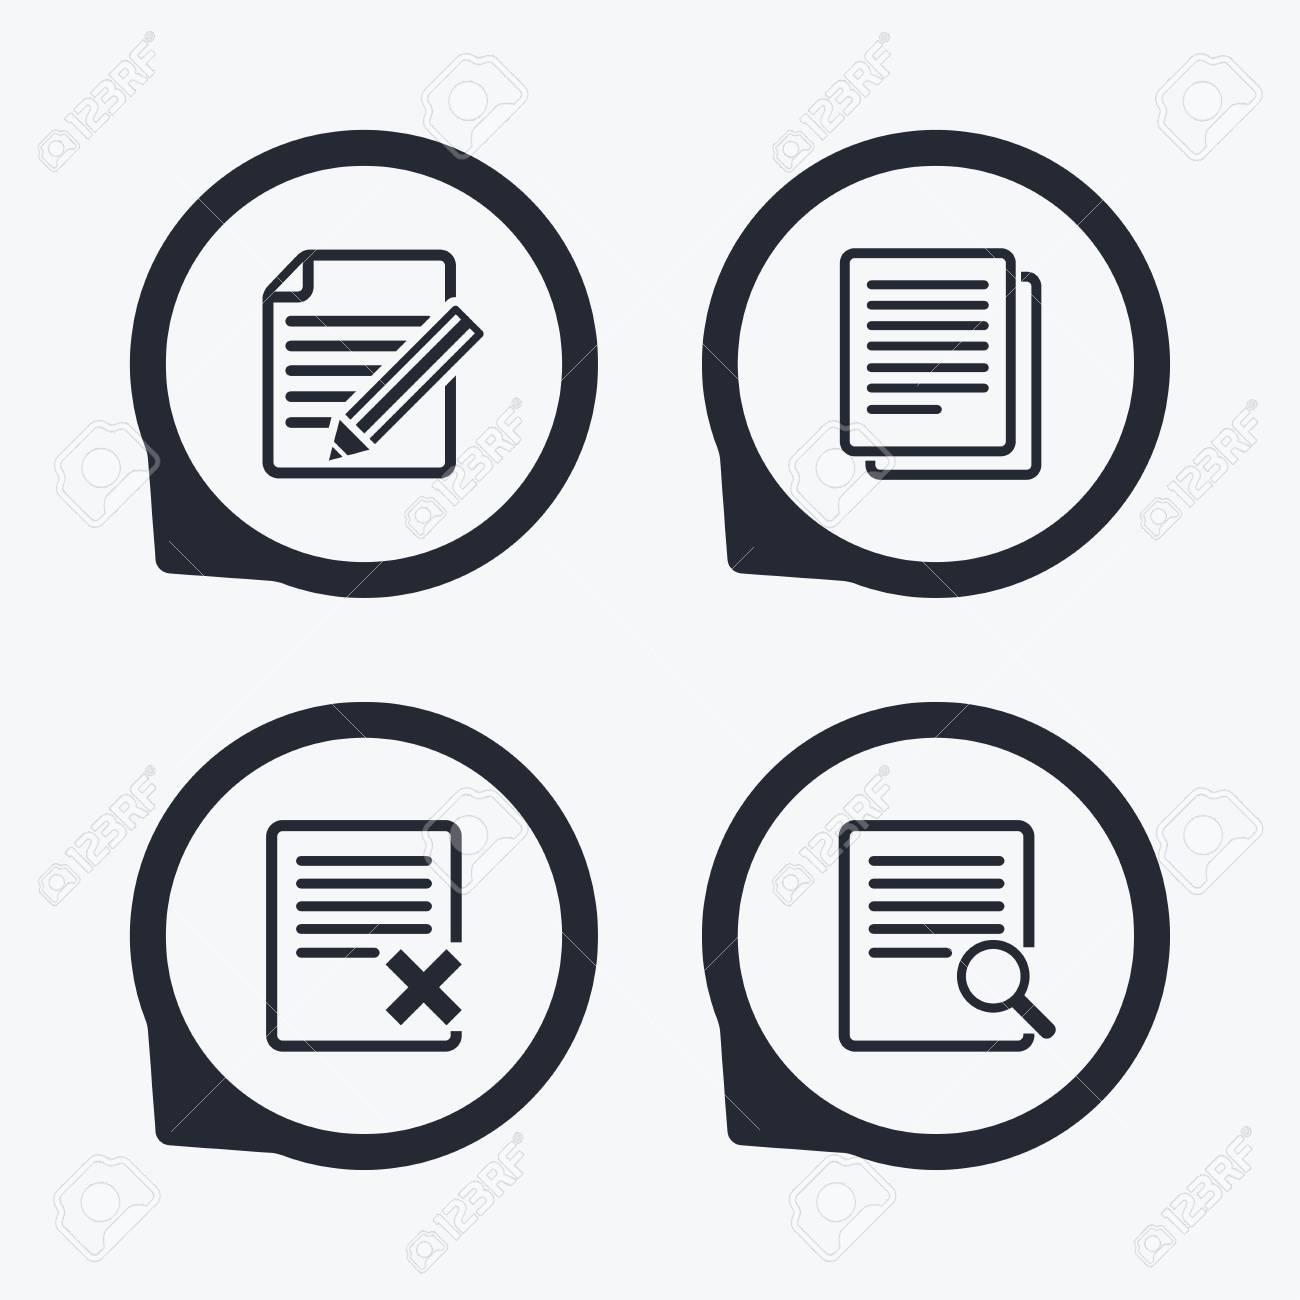 dfb8e55bbcd81 Foto de archivo - Iconos de documento de archivo. Buscar o encontrar  símbolo. editar contenidos con el signo de lápiz. Eliminar o borrar el  archivo. ...